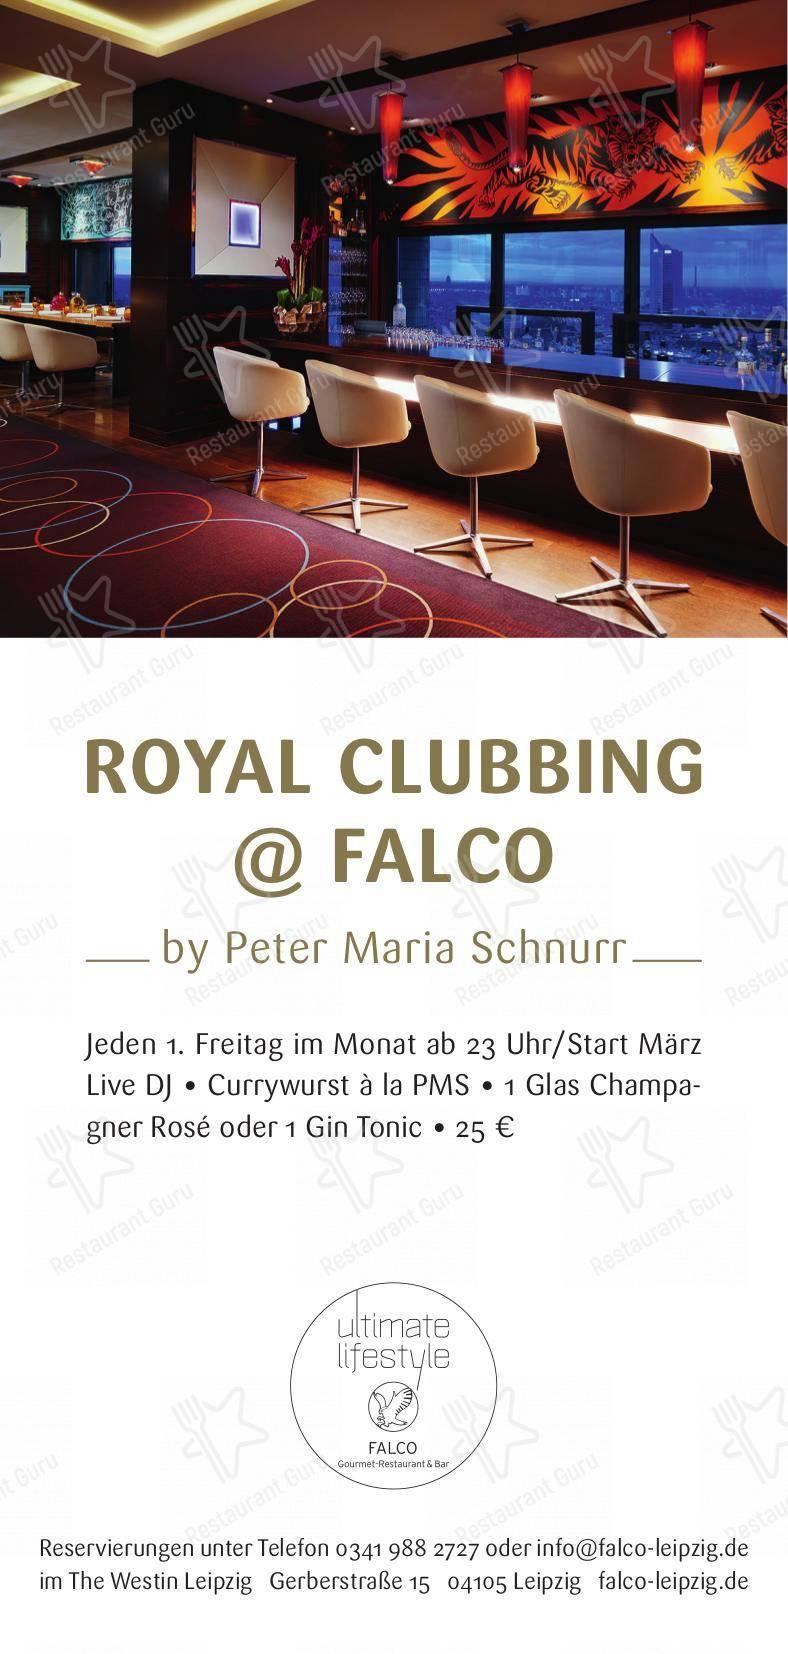 Carta de Falco pub y bar